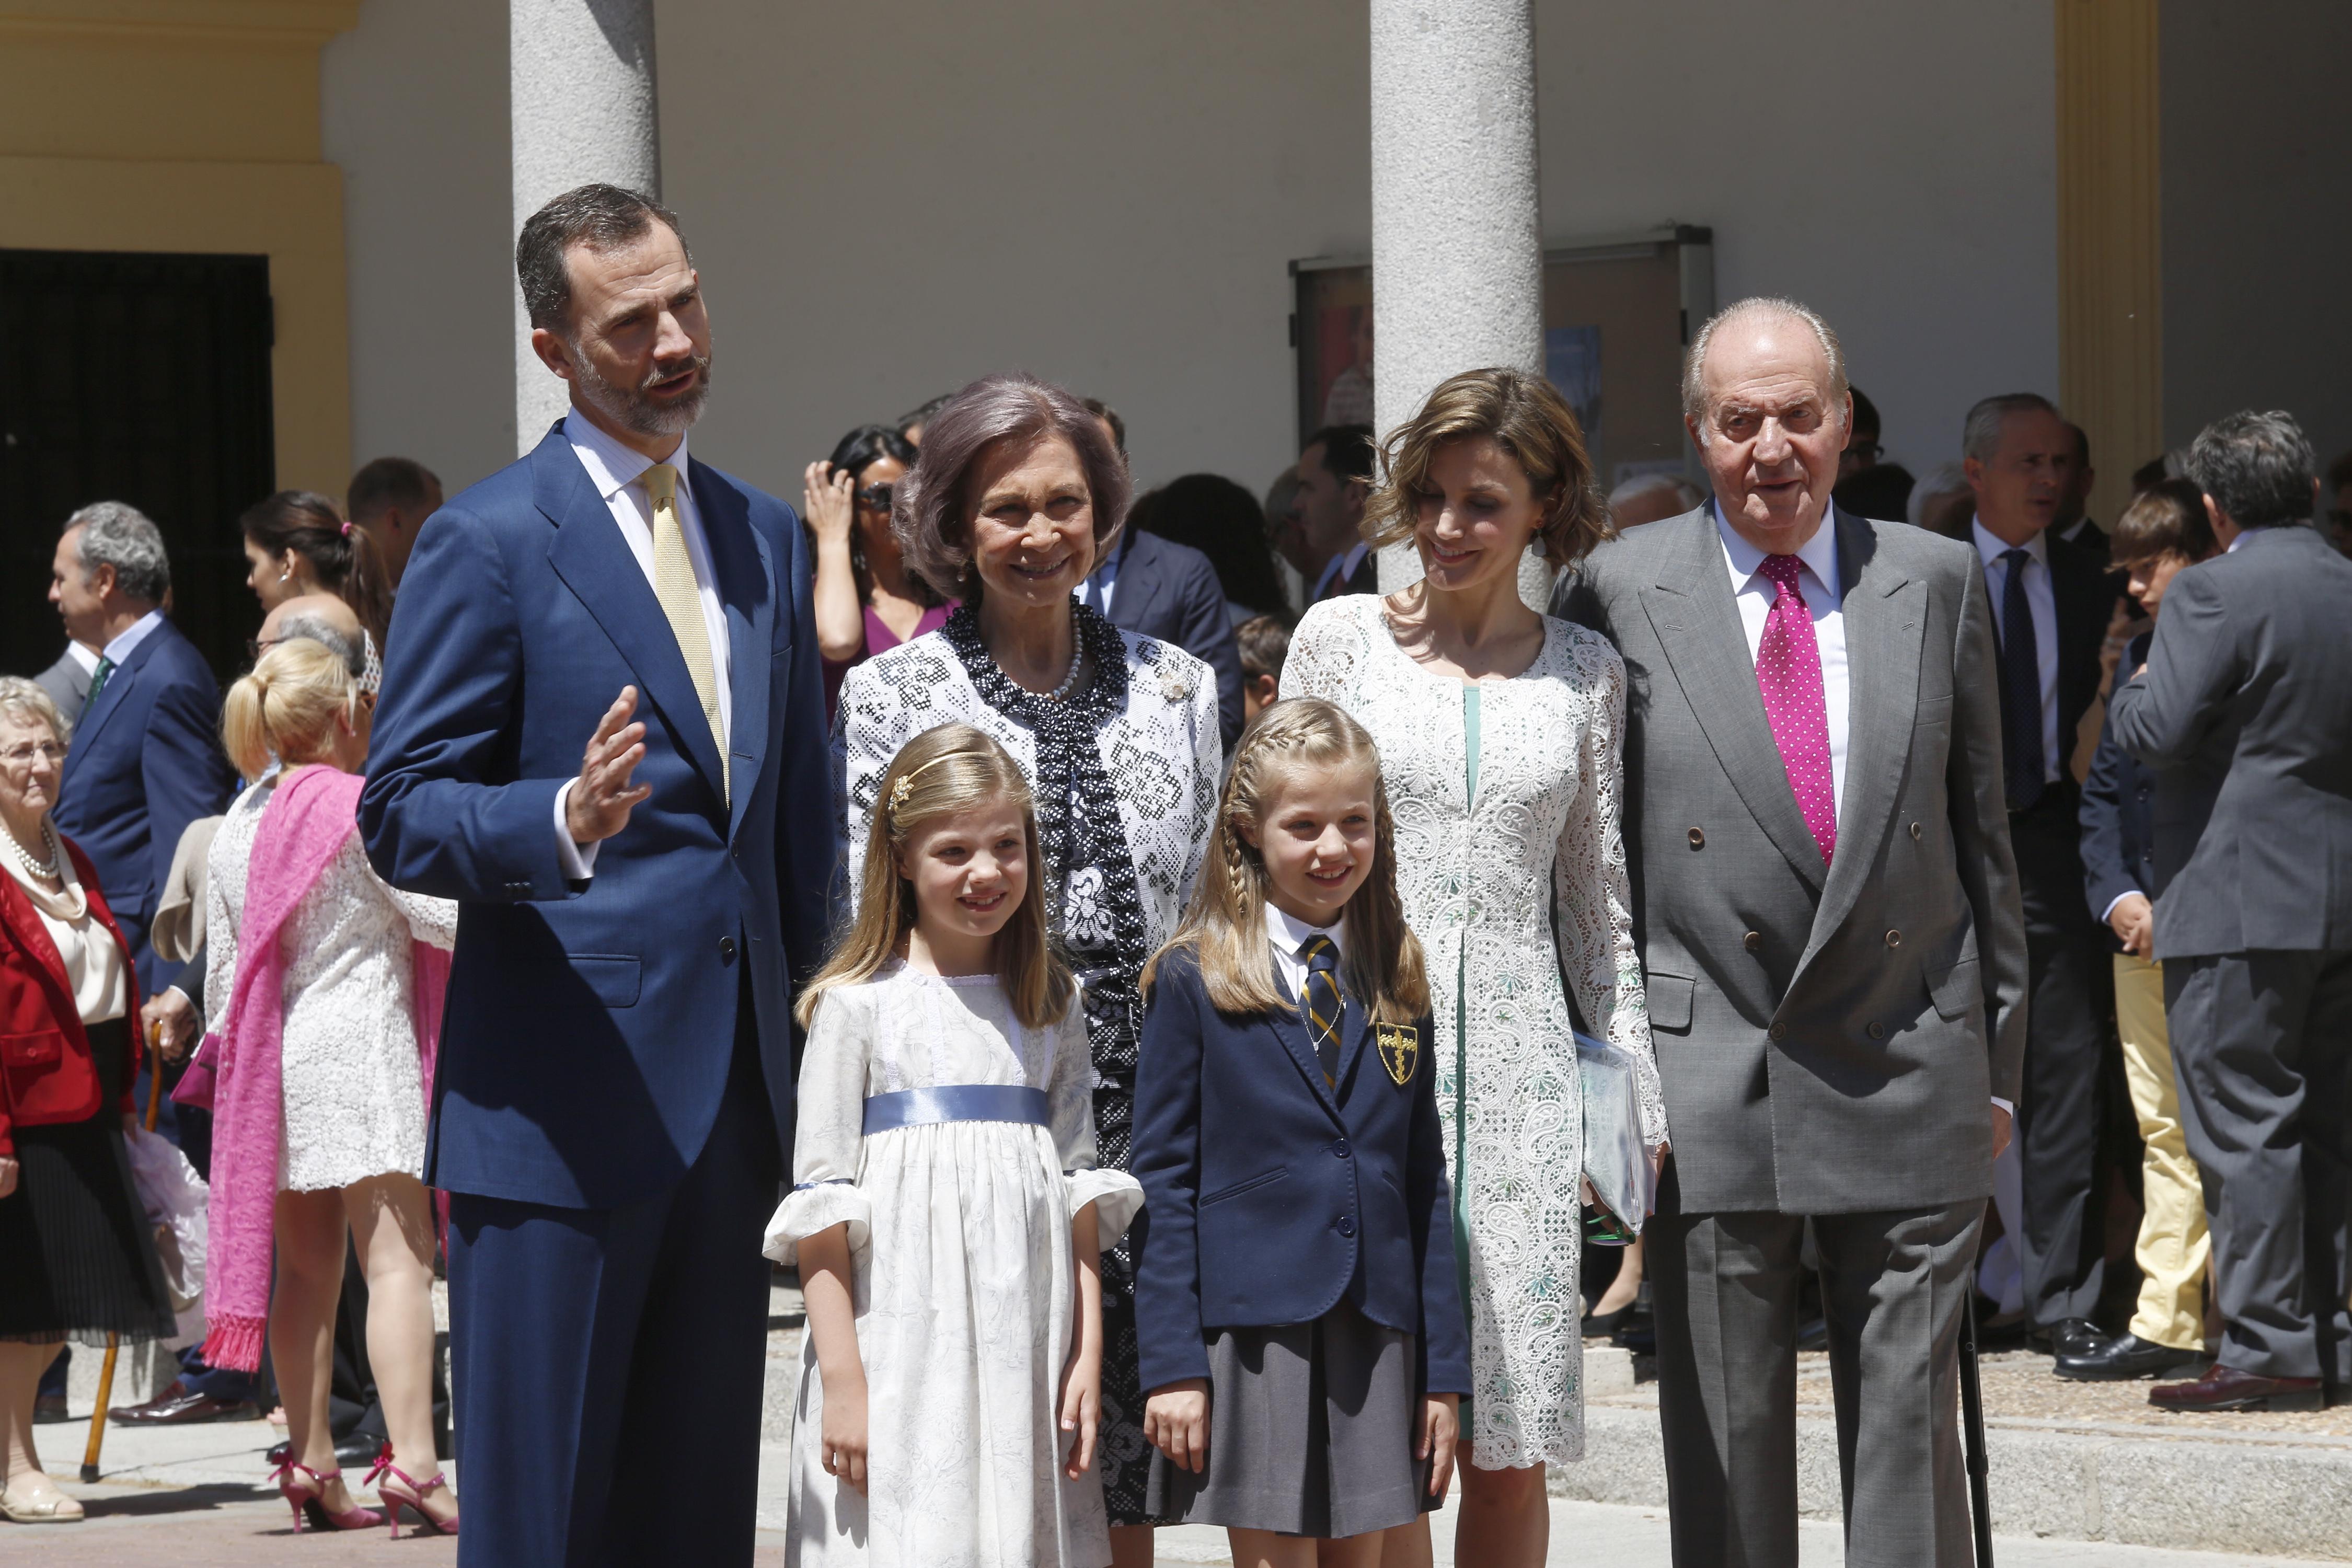 Leonor ha entrado al templo de la mano del rey Felipe y vistiendo su uniforme colegial de gala.